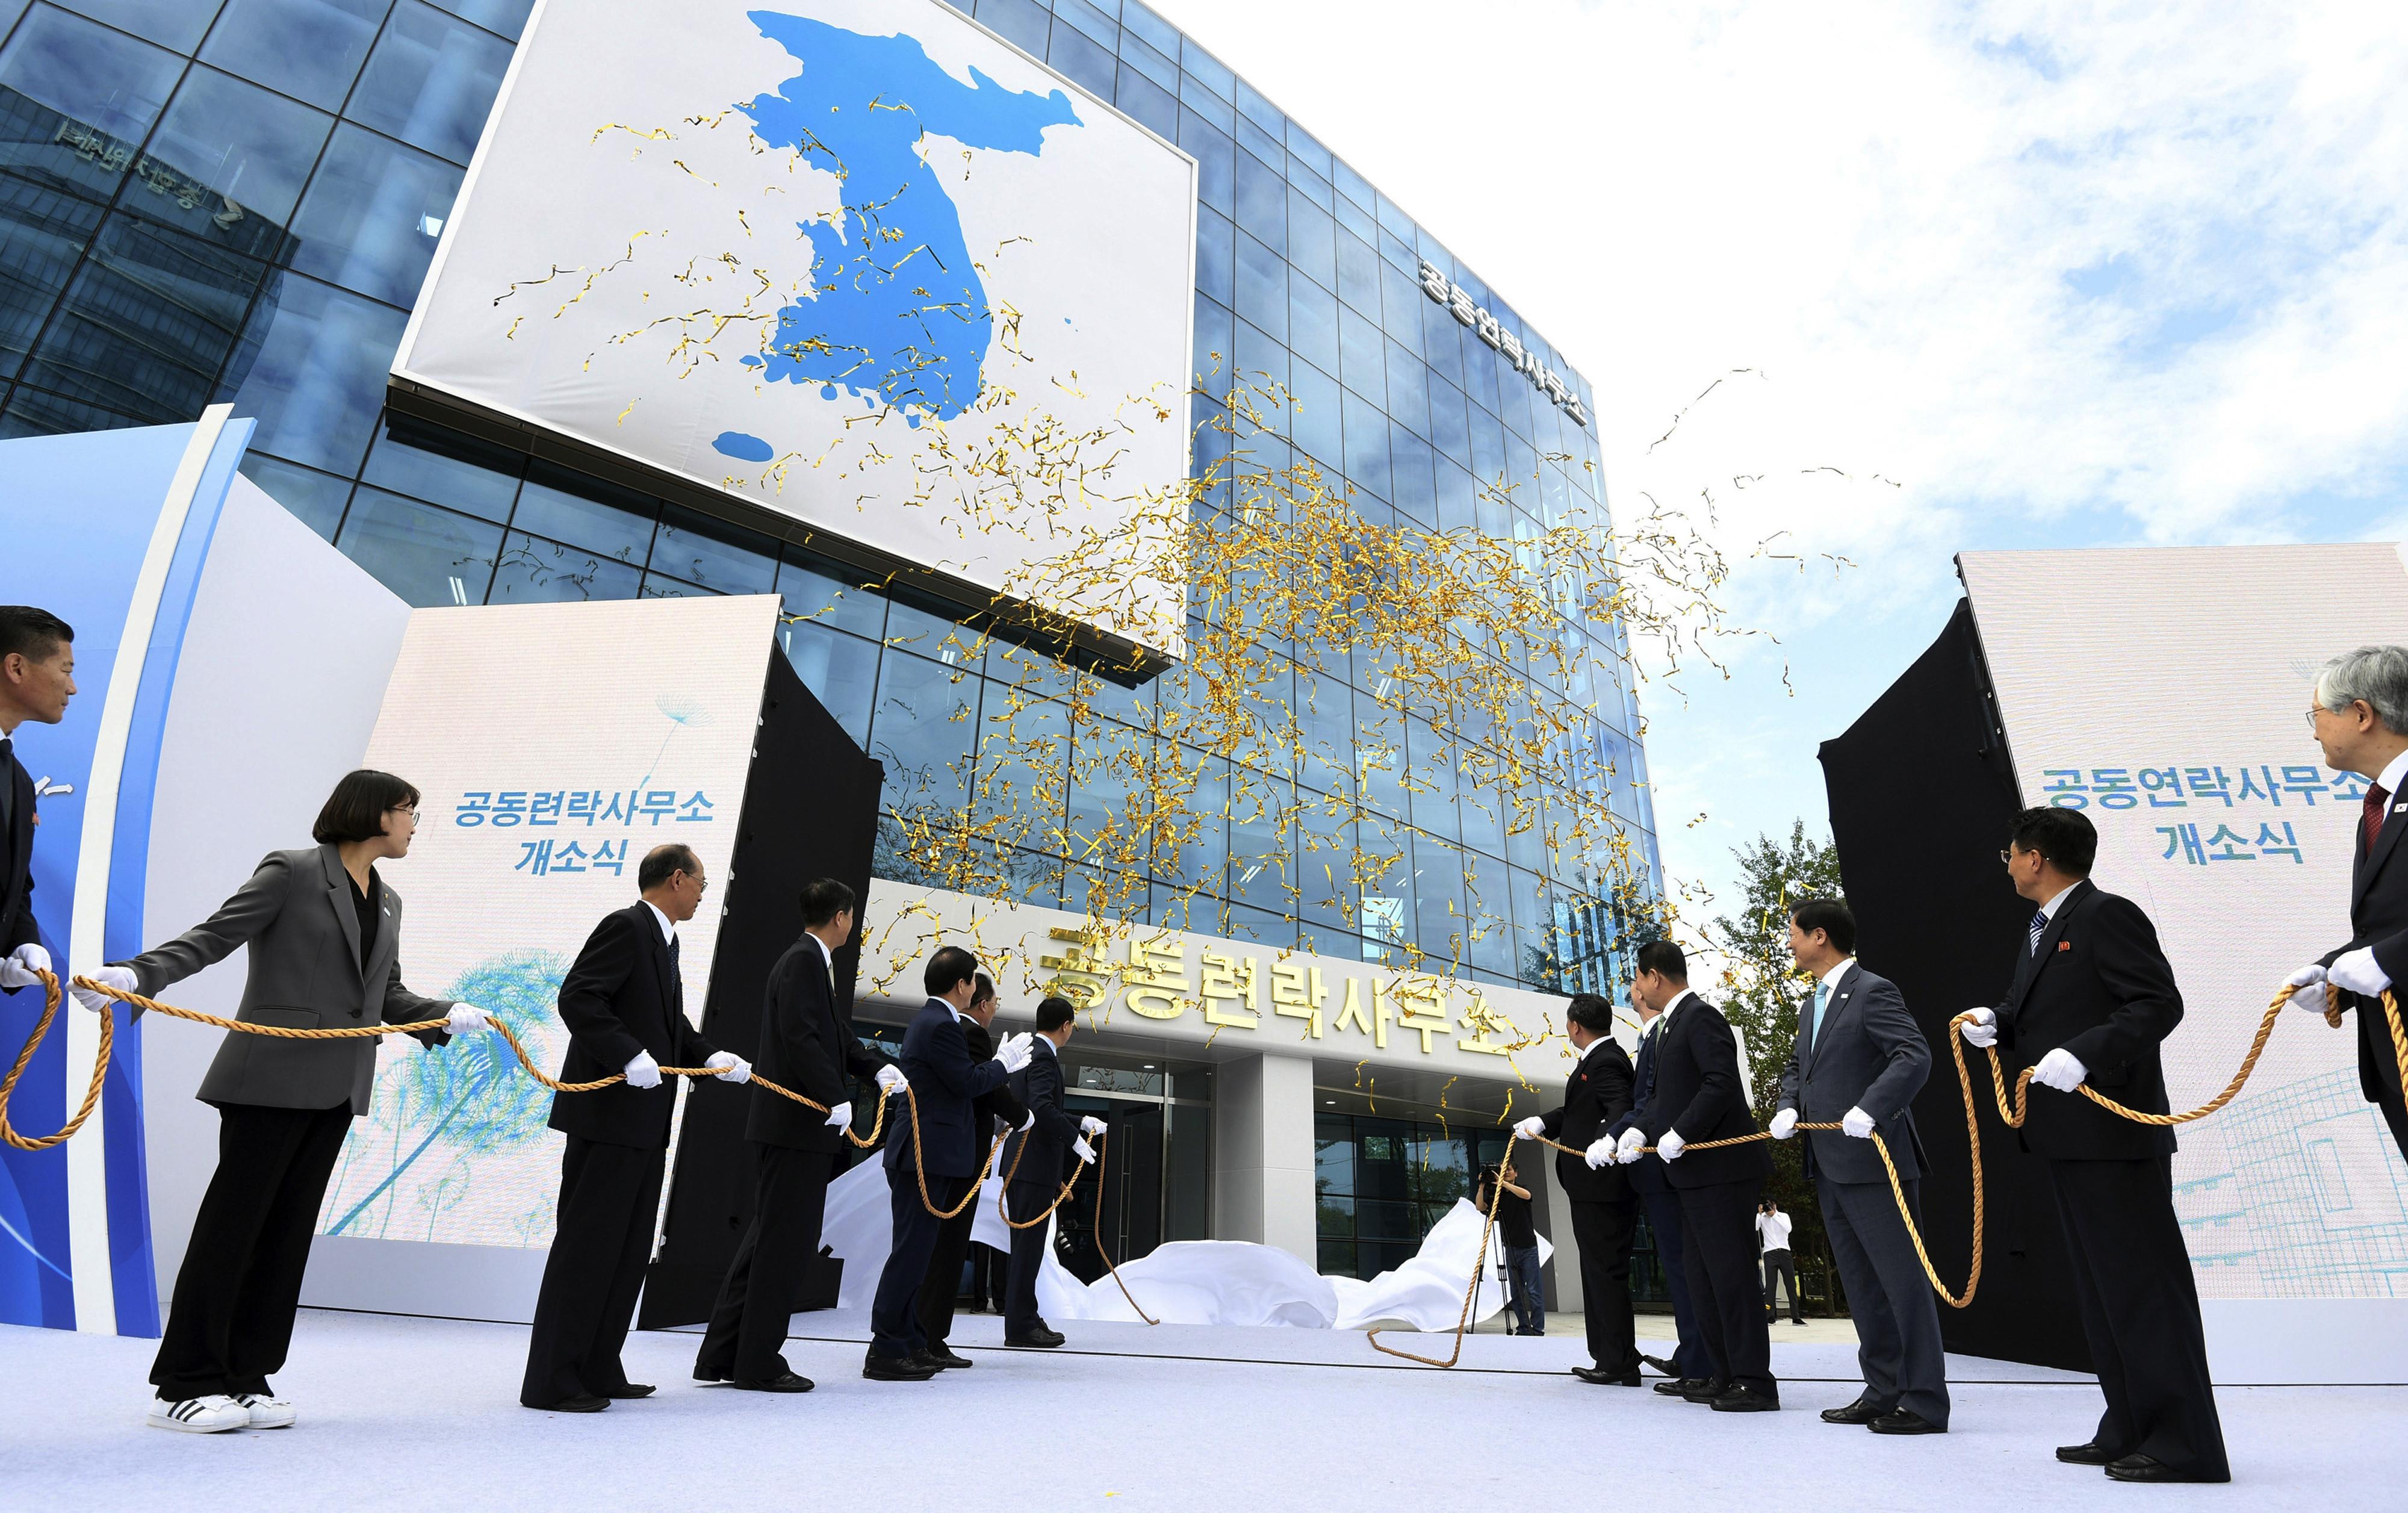 ▲▼造價300億韓元的韓聯辦,遭北韓炸為灰燼。(圖/達志影像/美聯社)